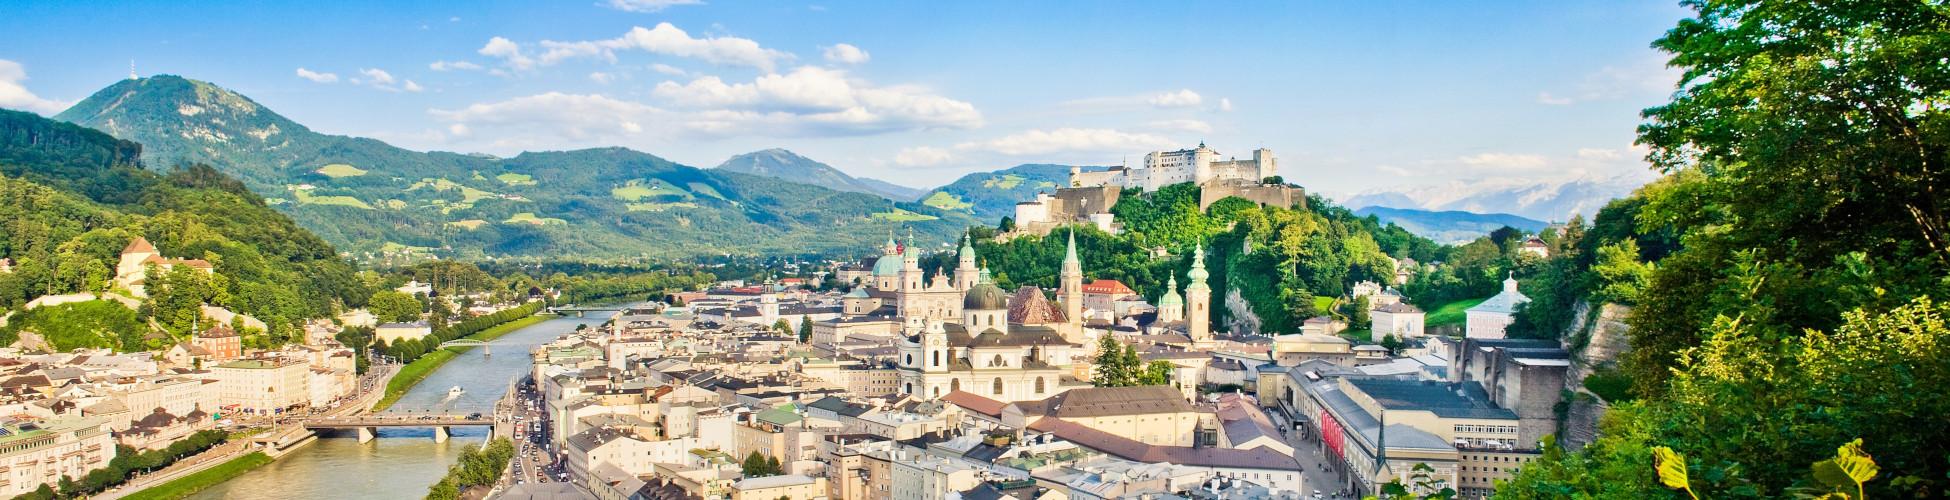 Panorama der Stadt salzburg_impressum